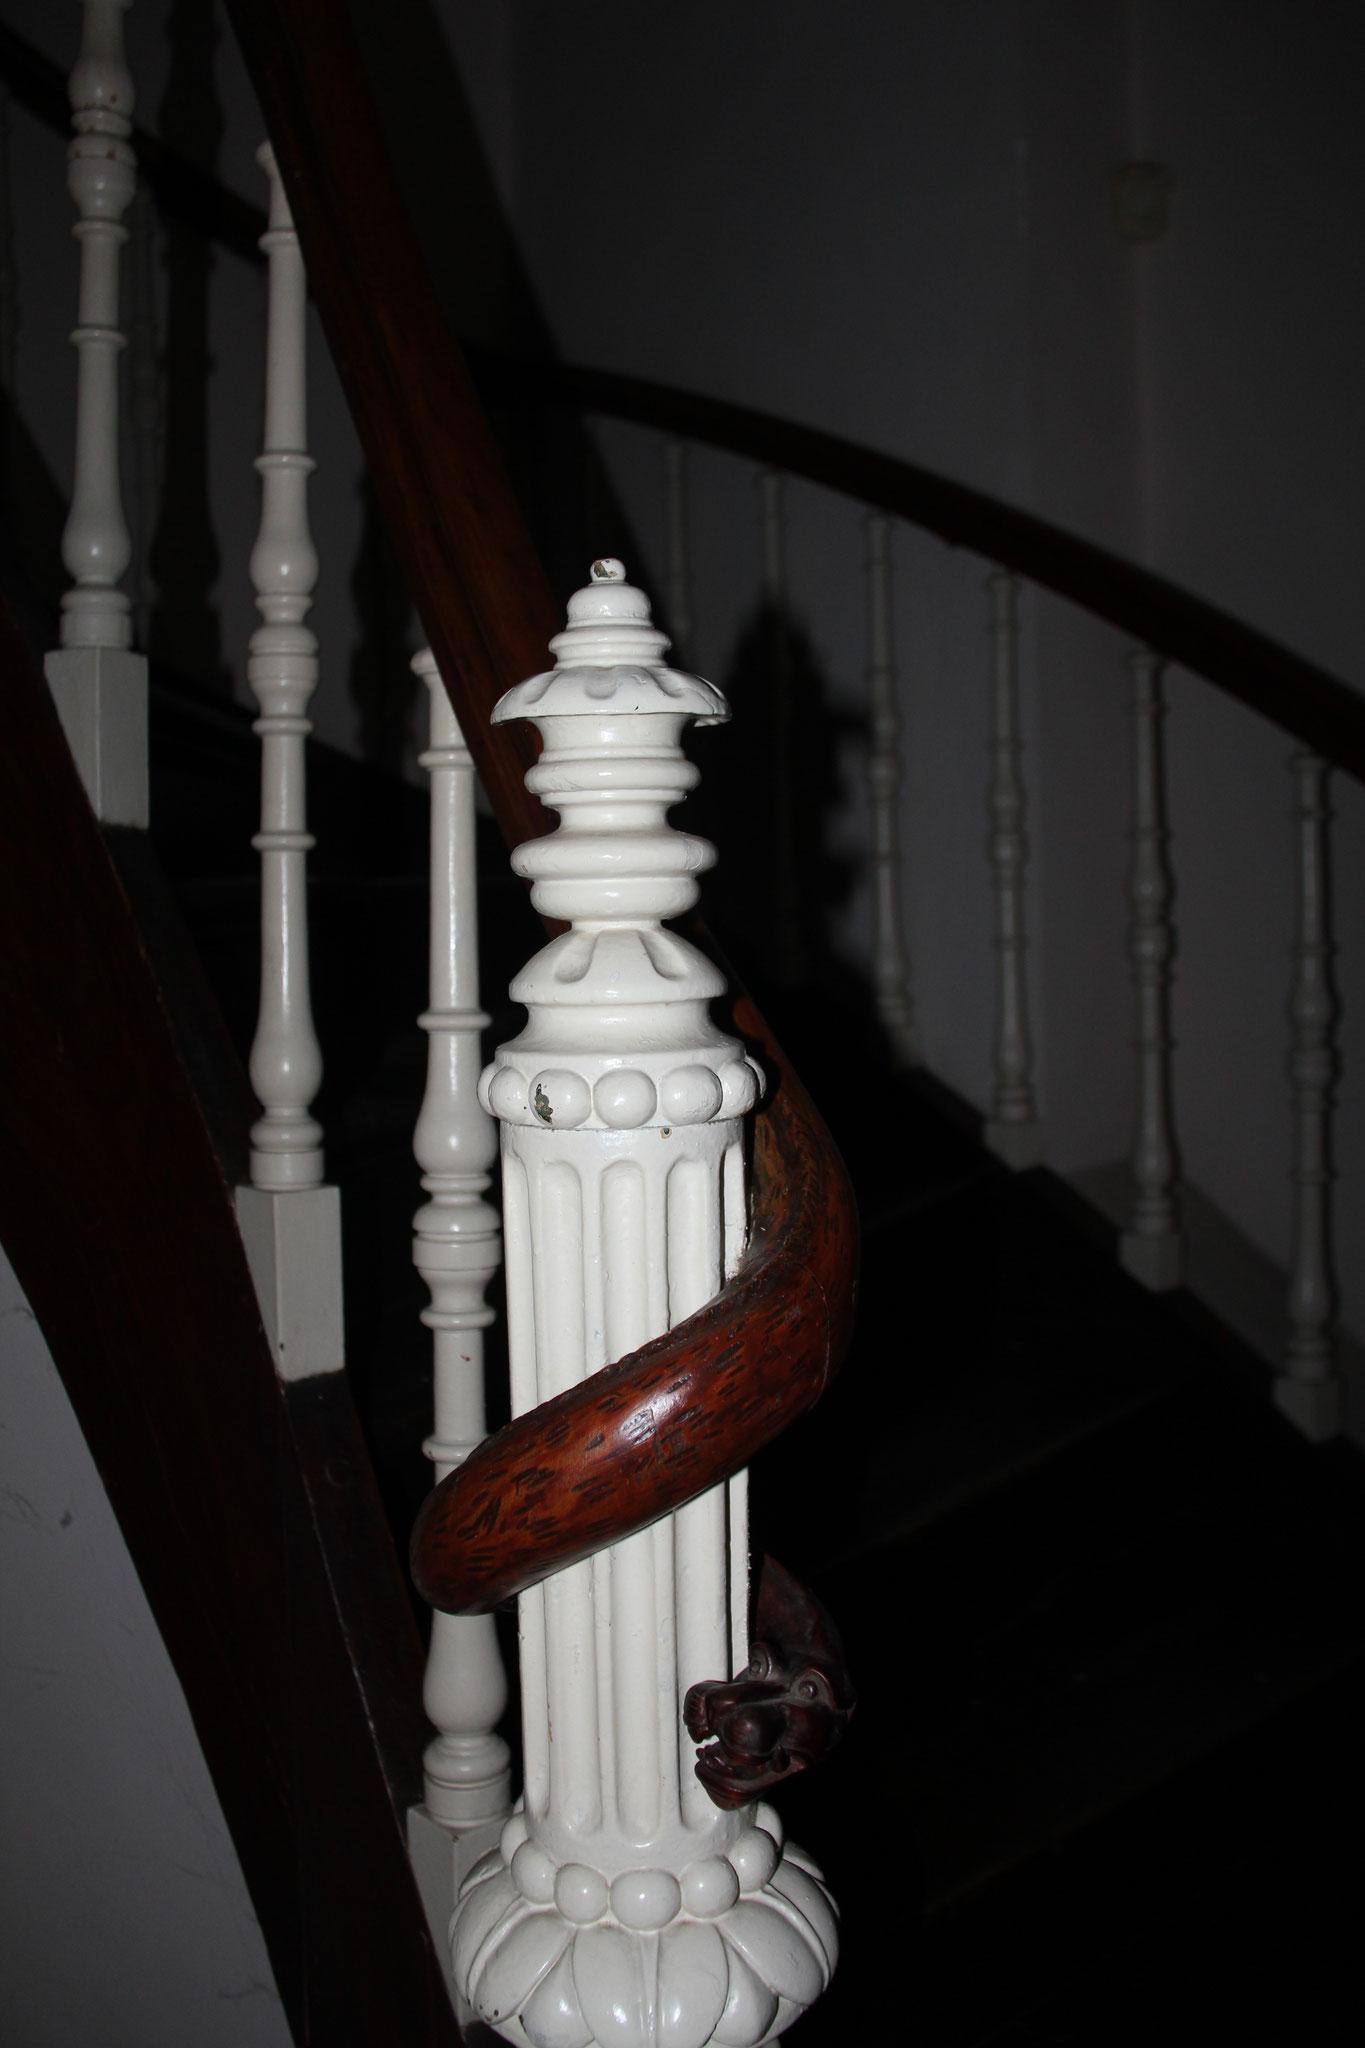 Opvallend detail zuidwestelijk woonhuis: als slang rond de trappaal gevormde handgreep.